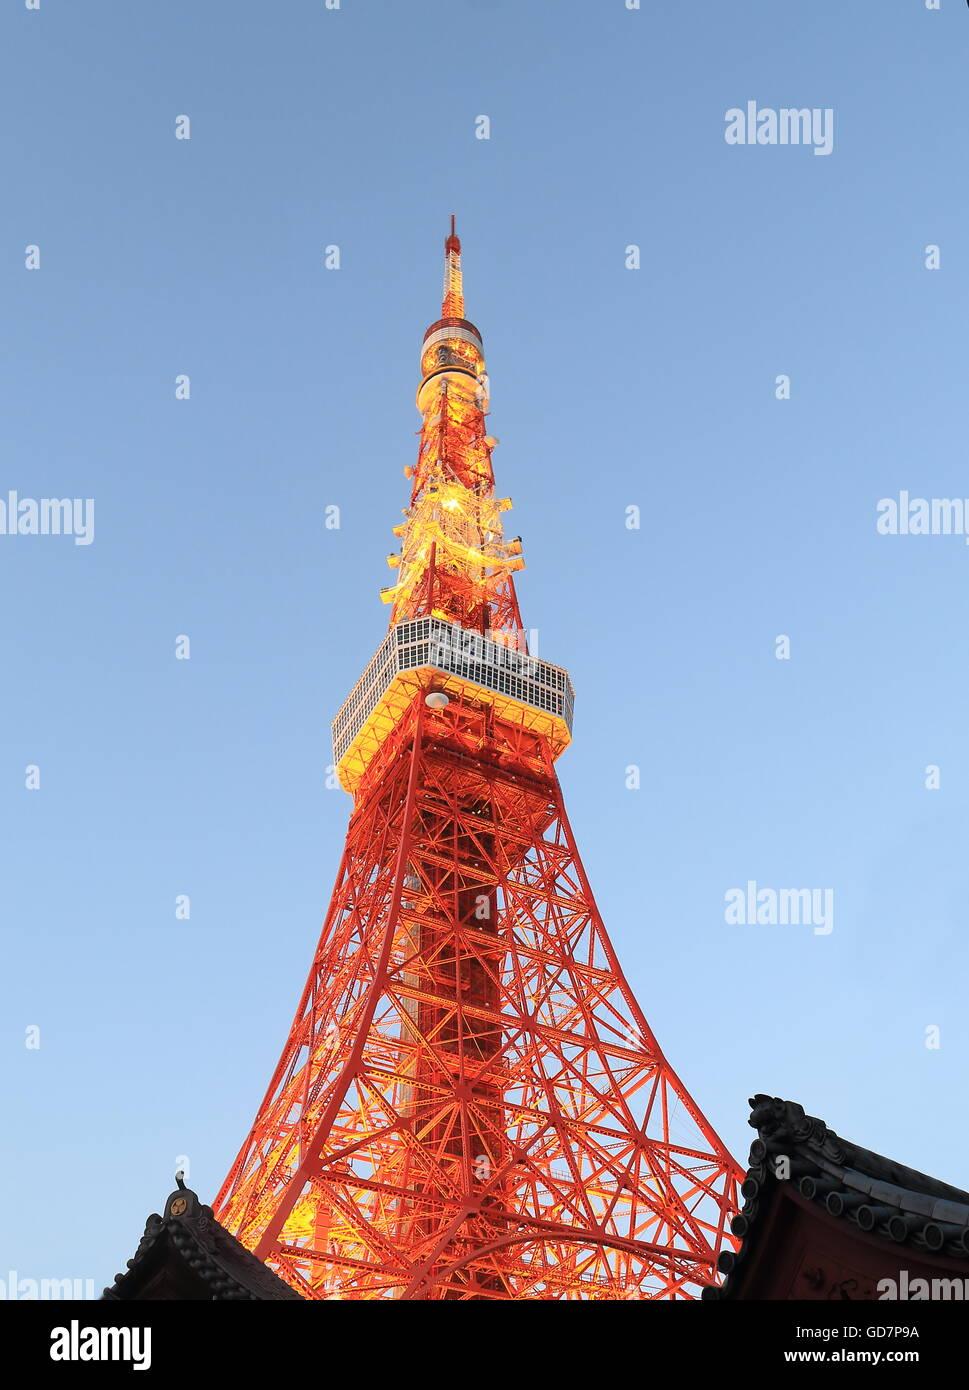 Icónica Torre de Tokio en japonés kawara techo en Tokio Japón. Imagen De Stock